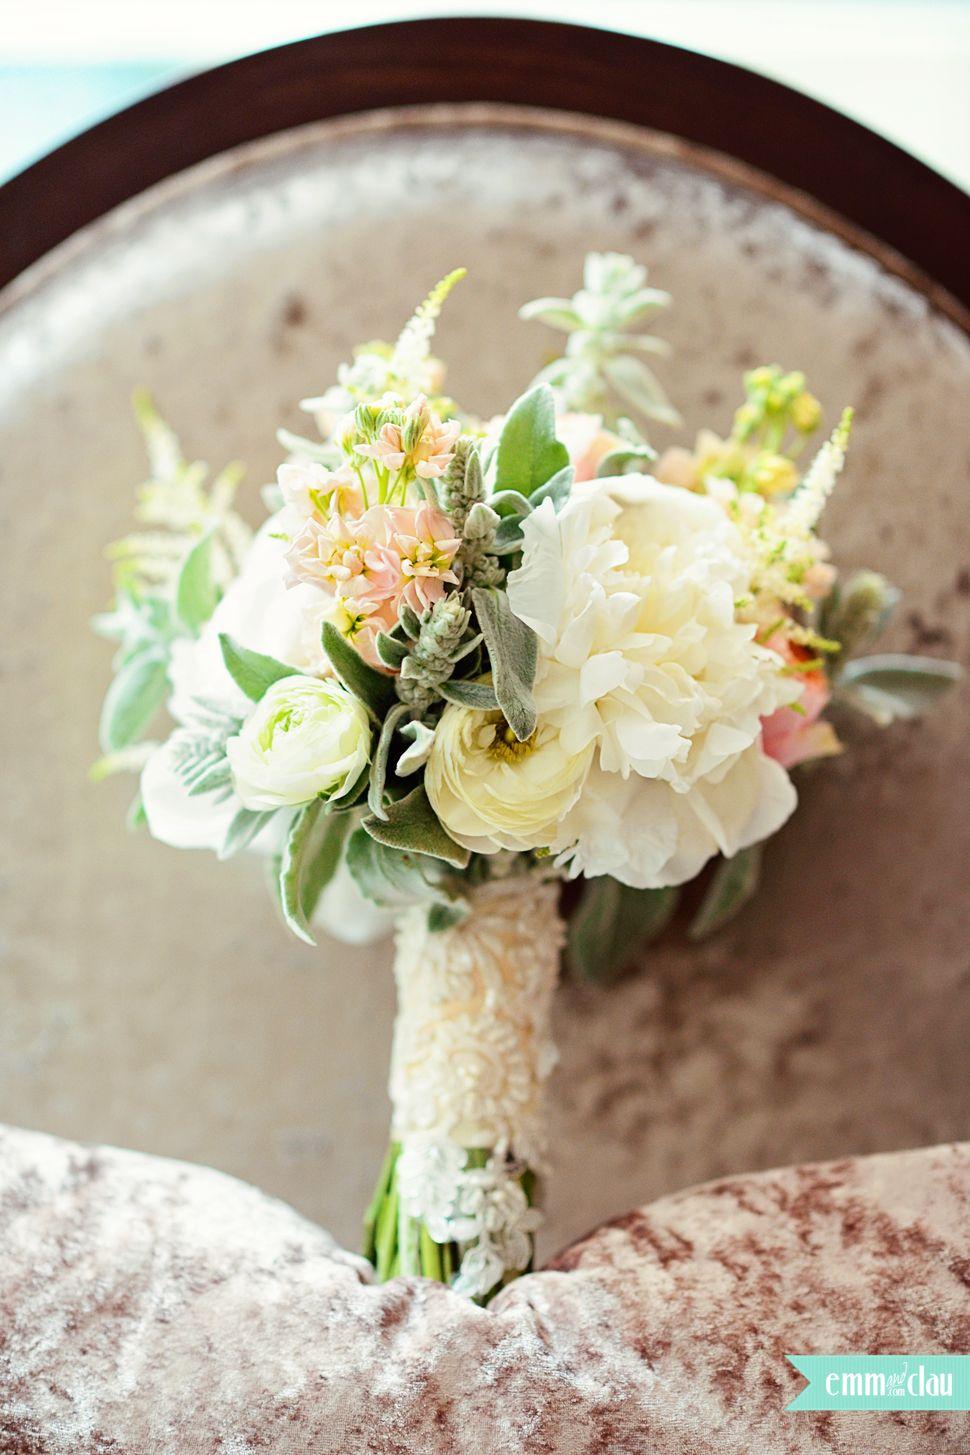 Lovely bouquet www.EmmAndClau.com